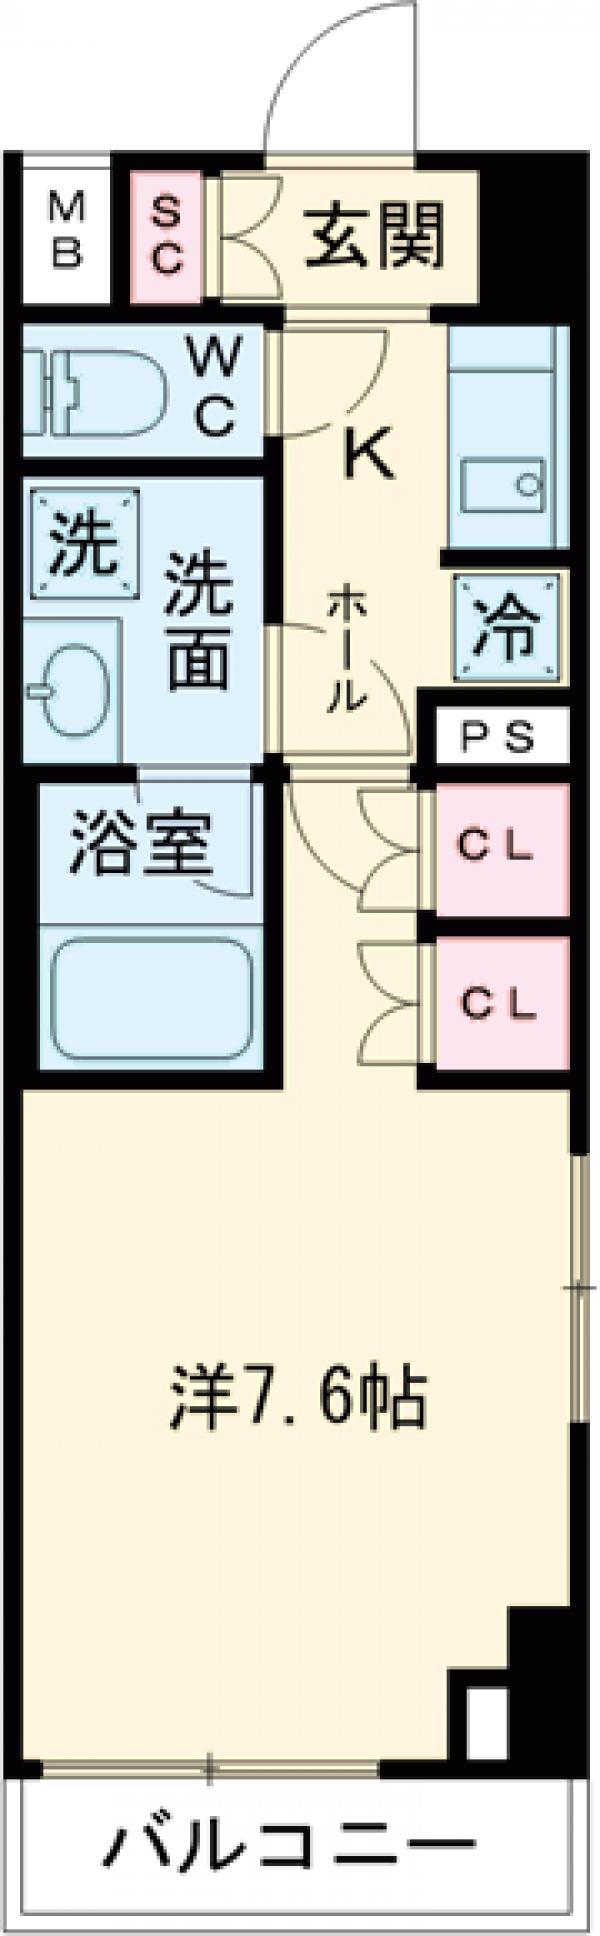 プレール・ドゥーク世田谷代田・608号室の間取り